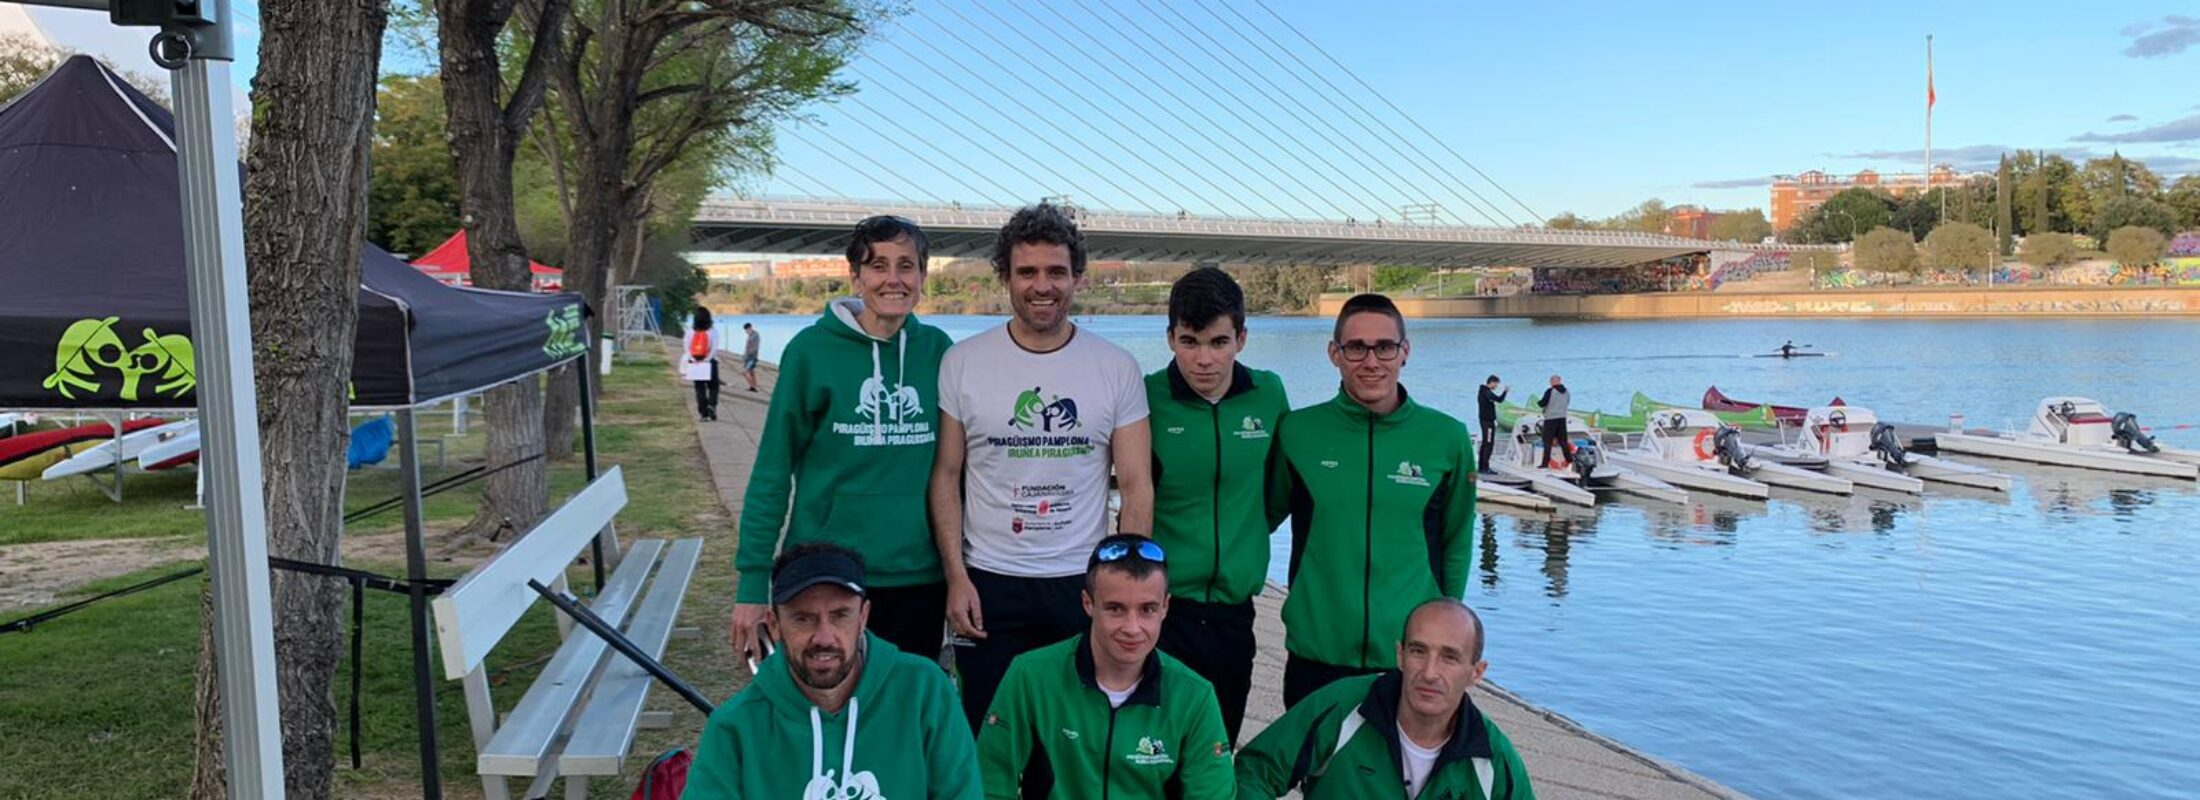 LI Campeonato de España de Invierno